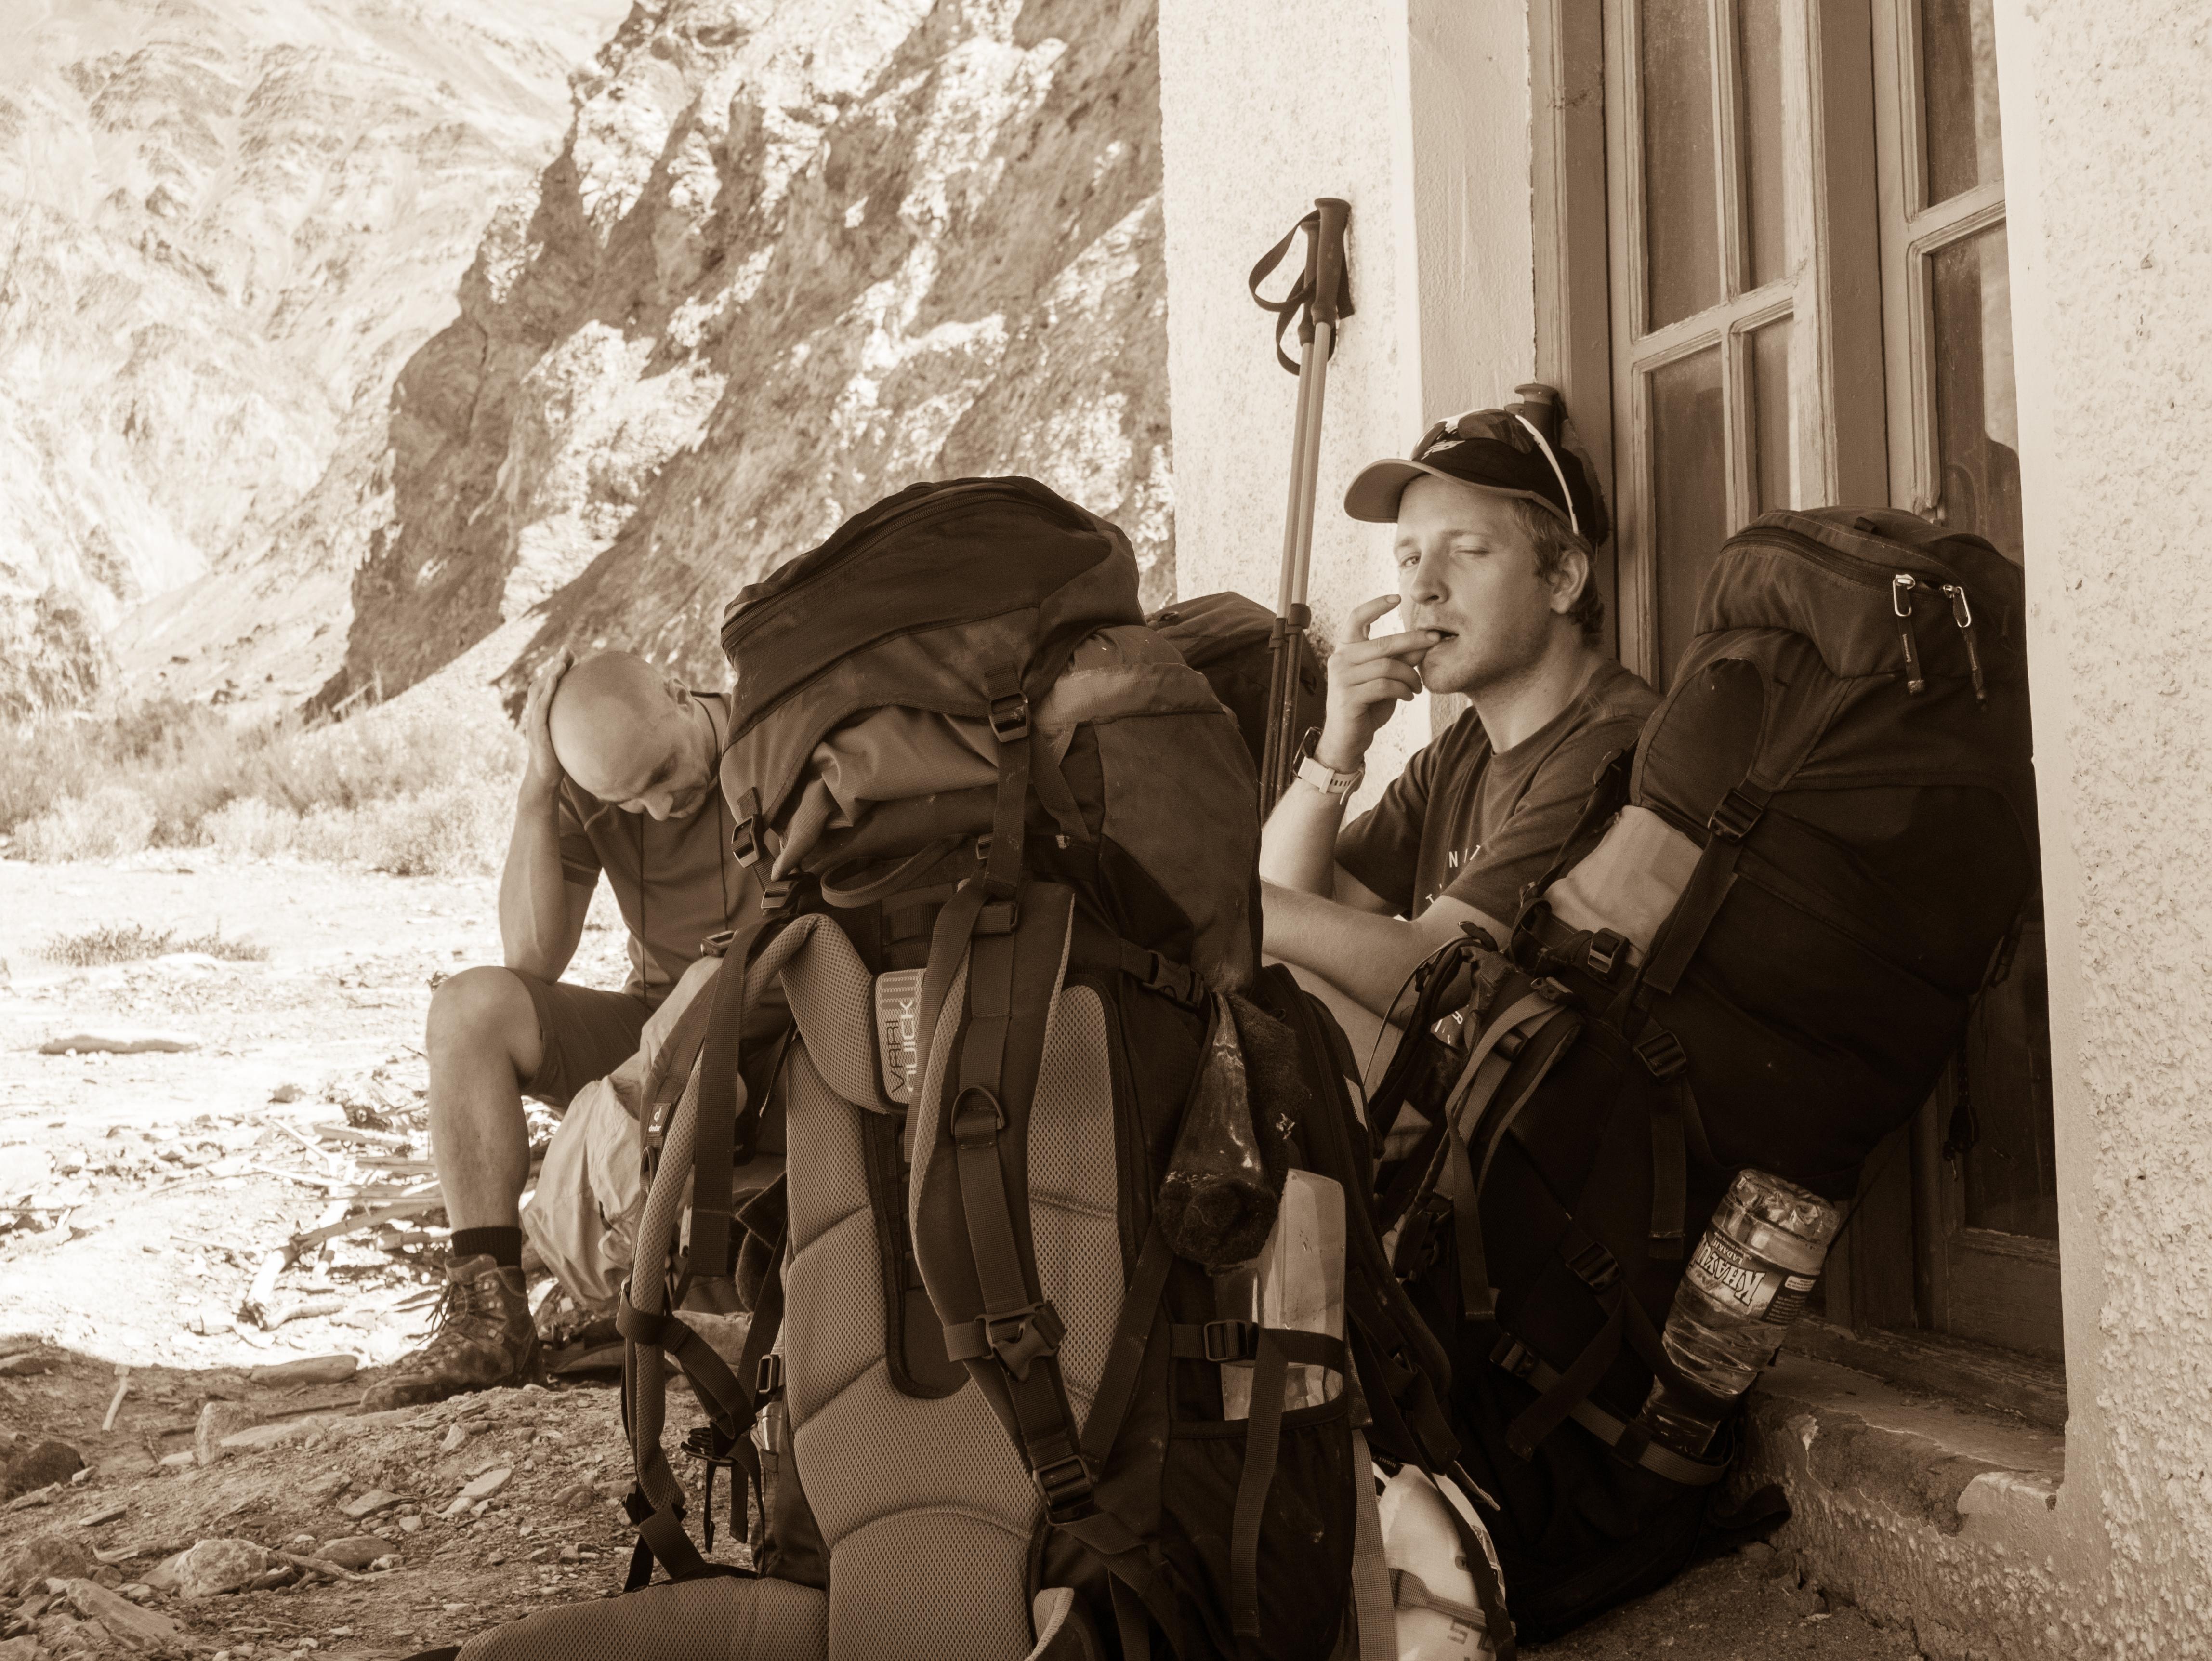 252deb086944d Drugi dzień trekkingu jest najbardziej męczący. Przewyższenia niewiele -  ok. 400 metrów